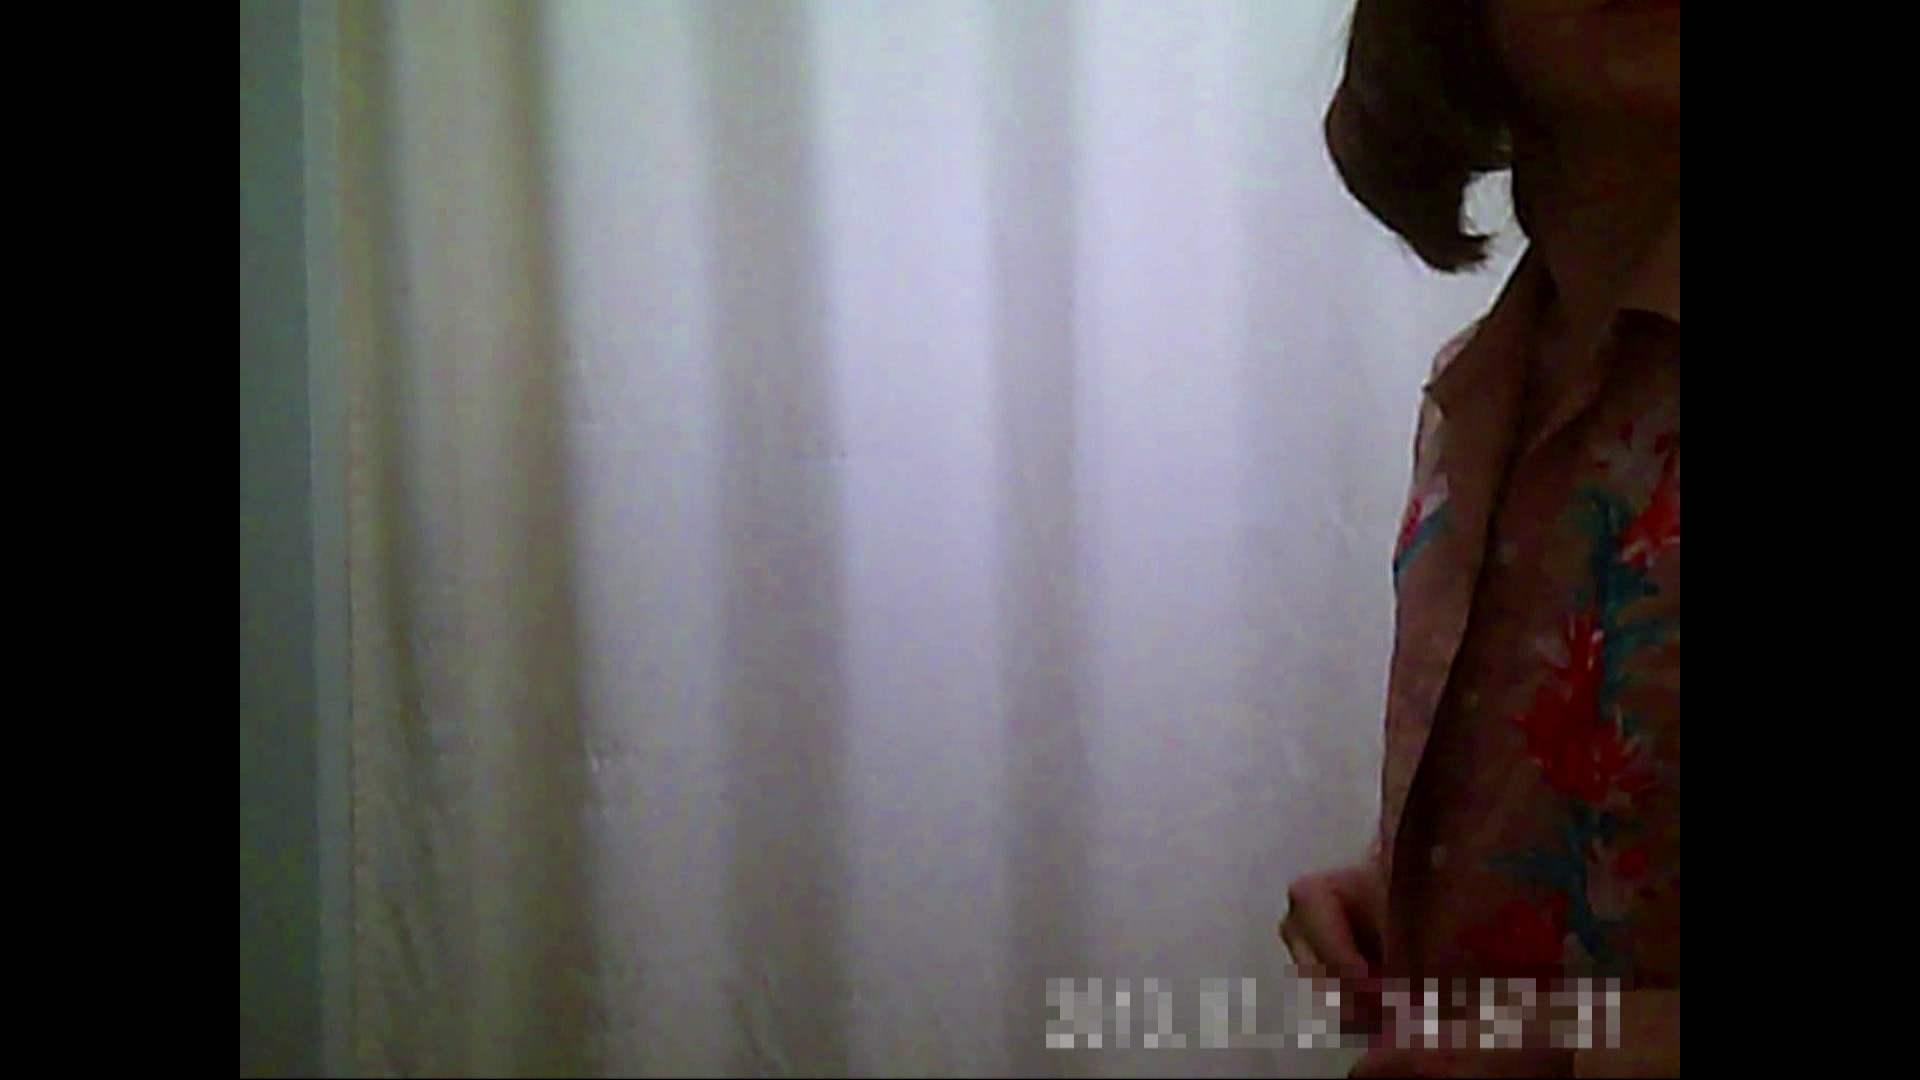 元医者による反抗 更衣室地獄絵巻 vol.039 OL | 0  75連発 68